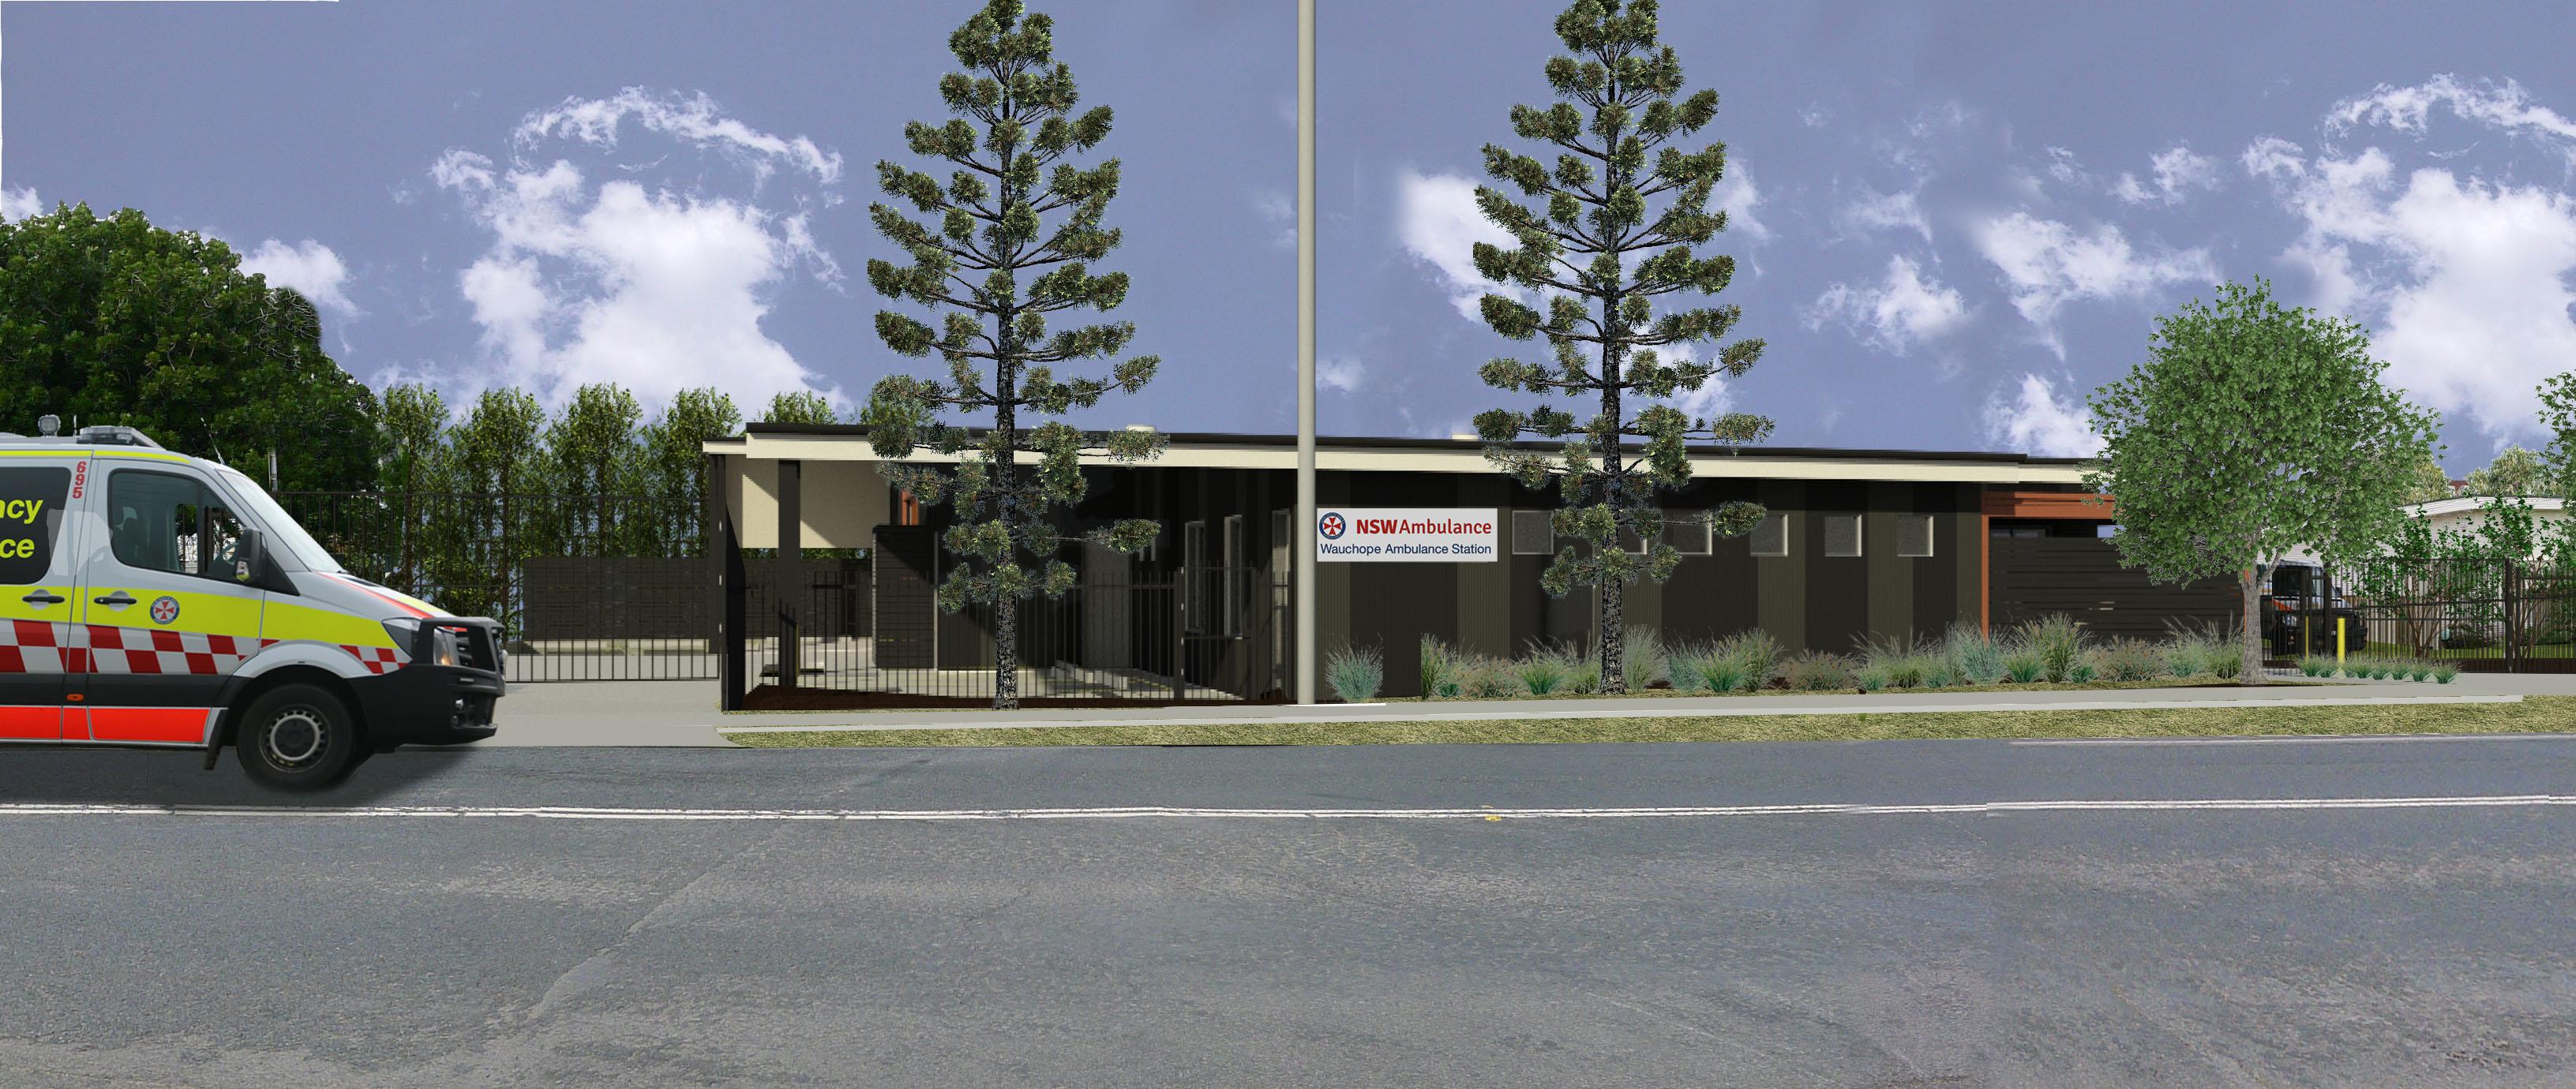 Wauchope: Work starts on new ambulance station